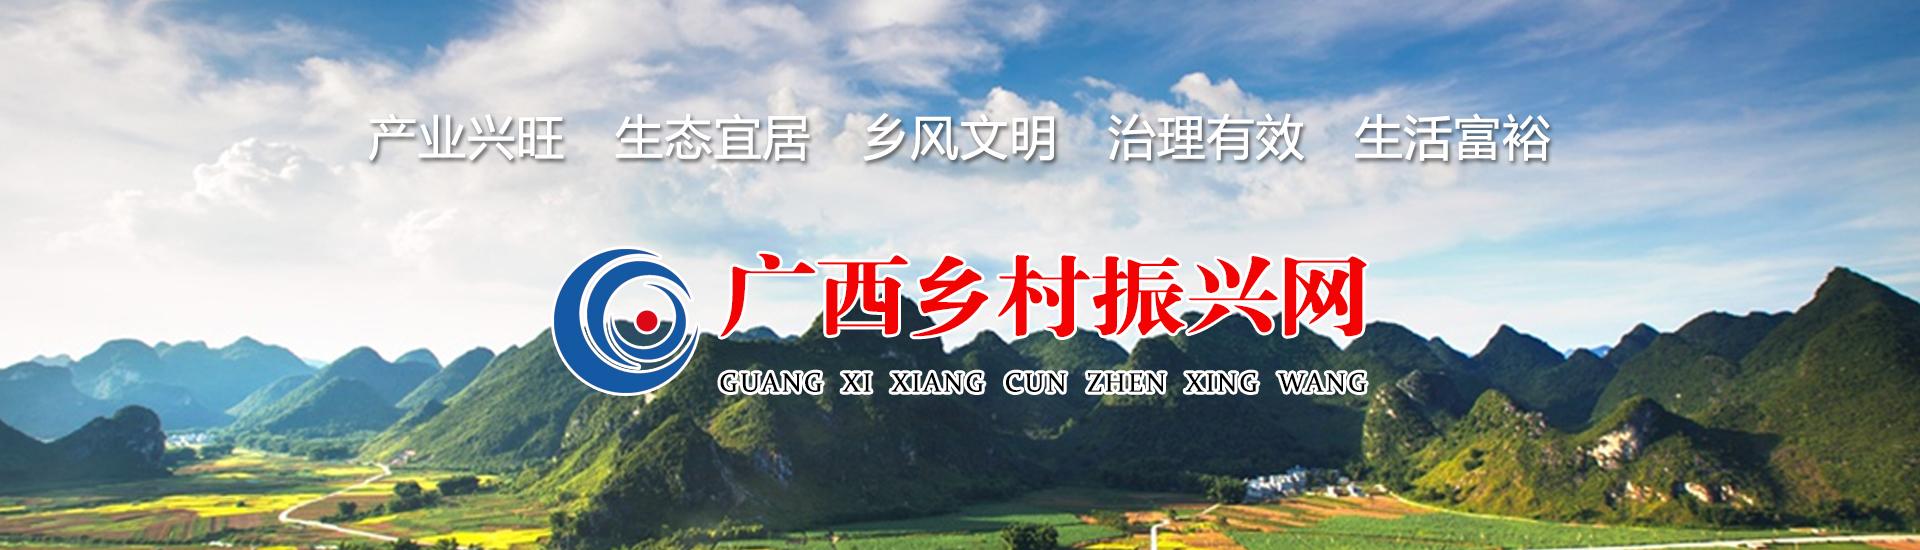 广西乡村振兴网